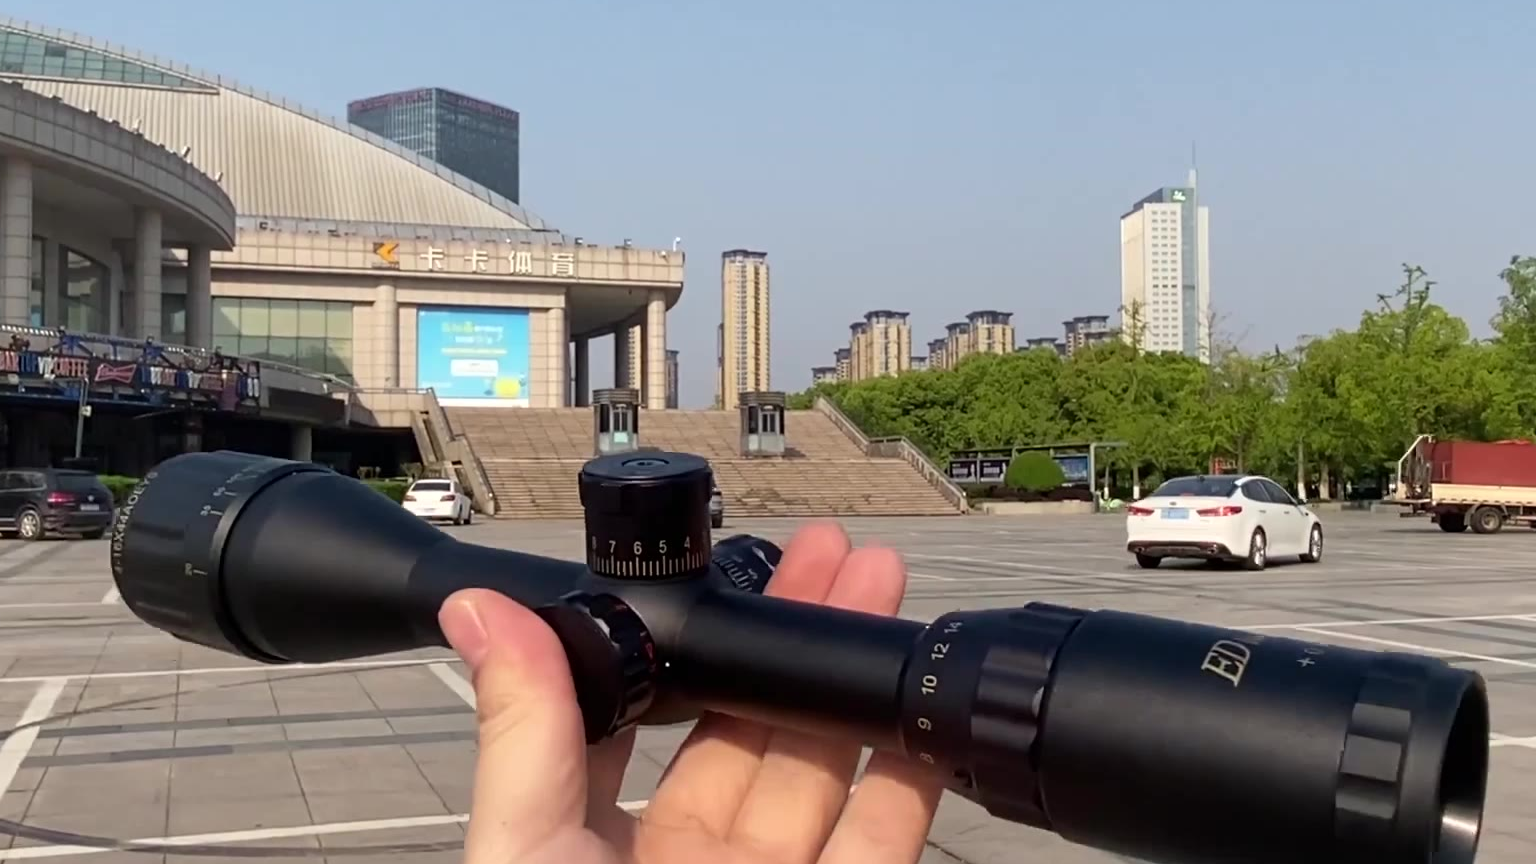 230元买的16倍镜3千米实测,一切尽收眼底,还要啥望远镜!